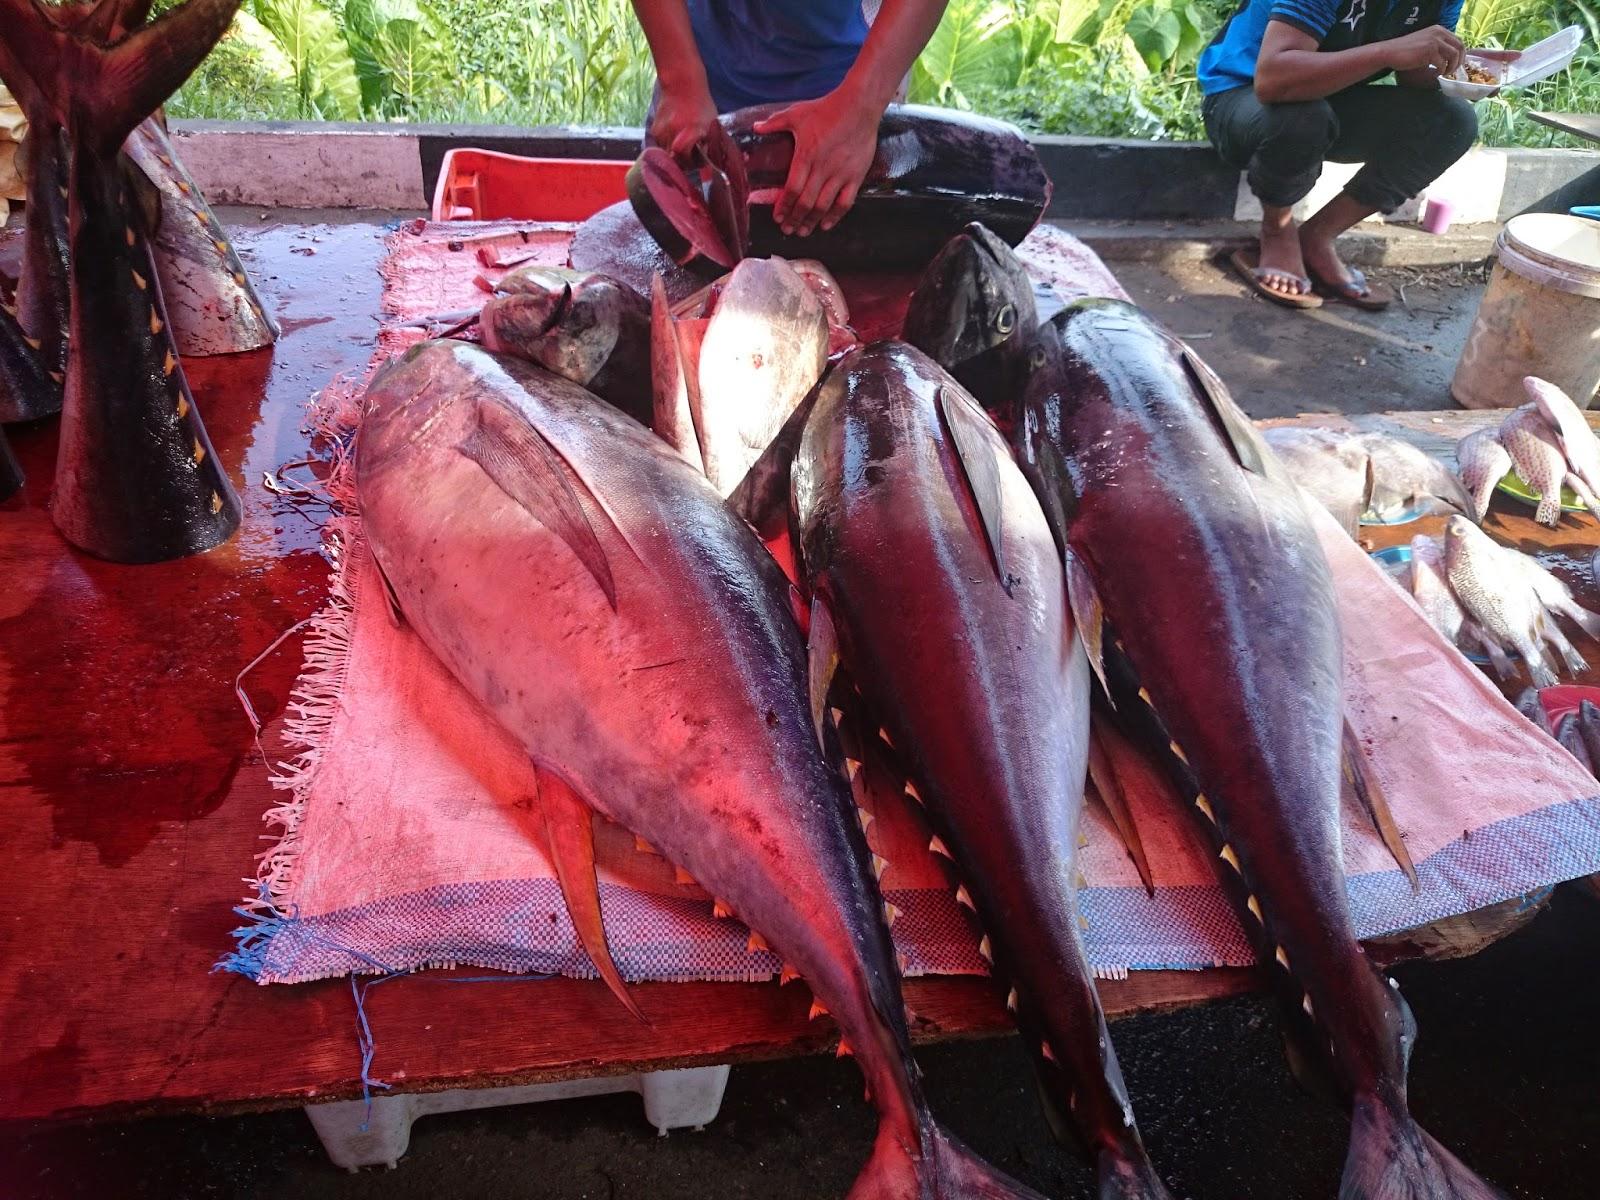 Gambar-gambar di sekitar Tamu Tuaran, Sabah